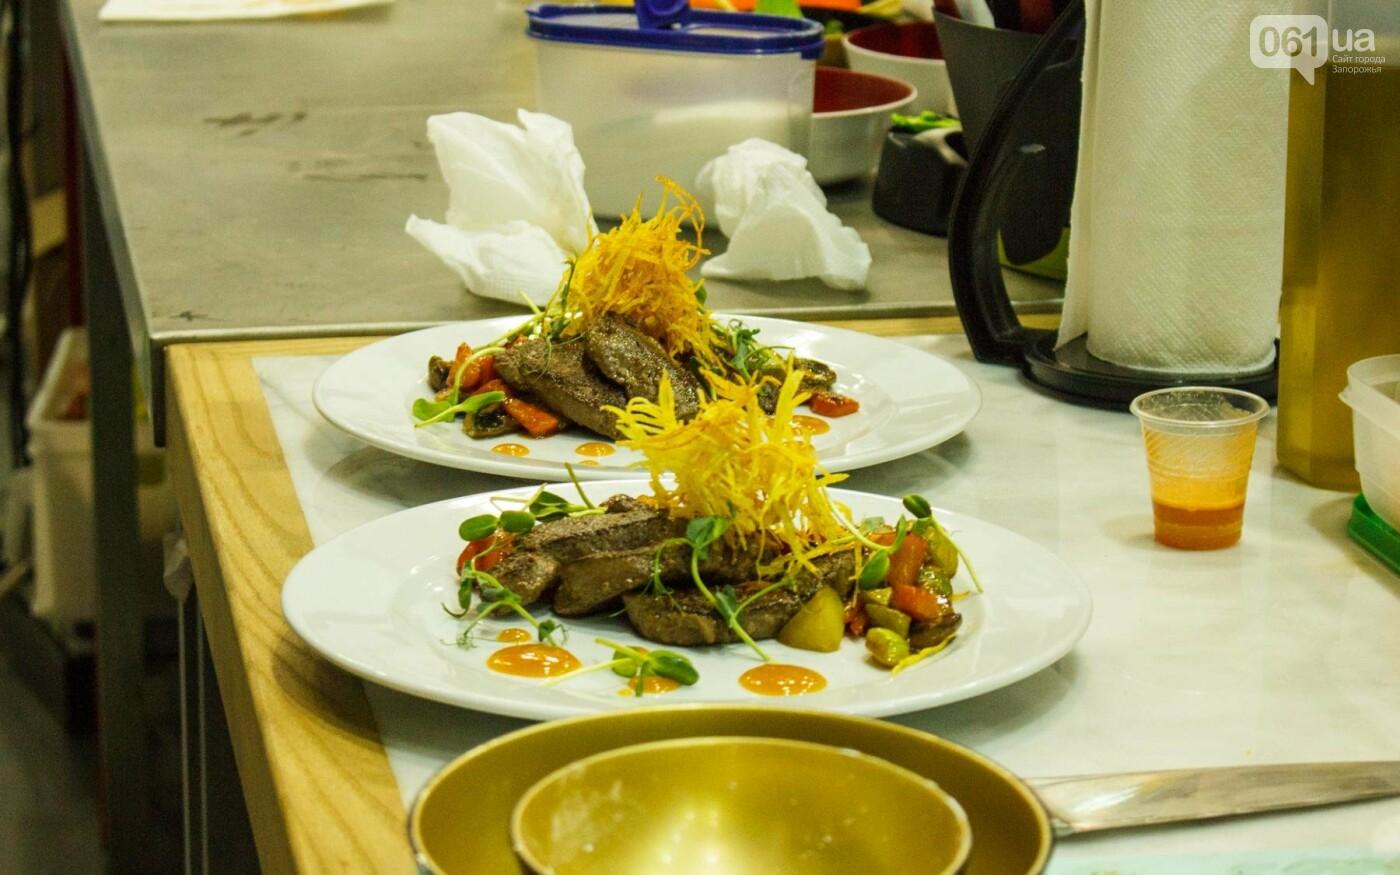 Шеф-повара запорожских ресторанов провели мастер-класс для горожан: как это было, - ФОТОРЕПОРТАЖ, фото-69